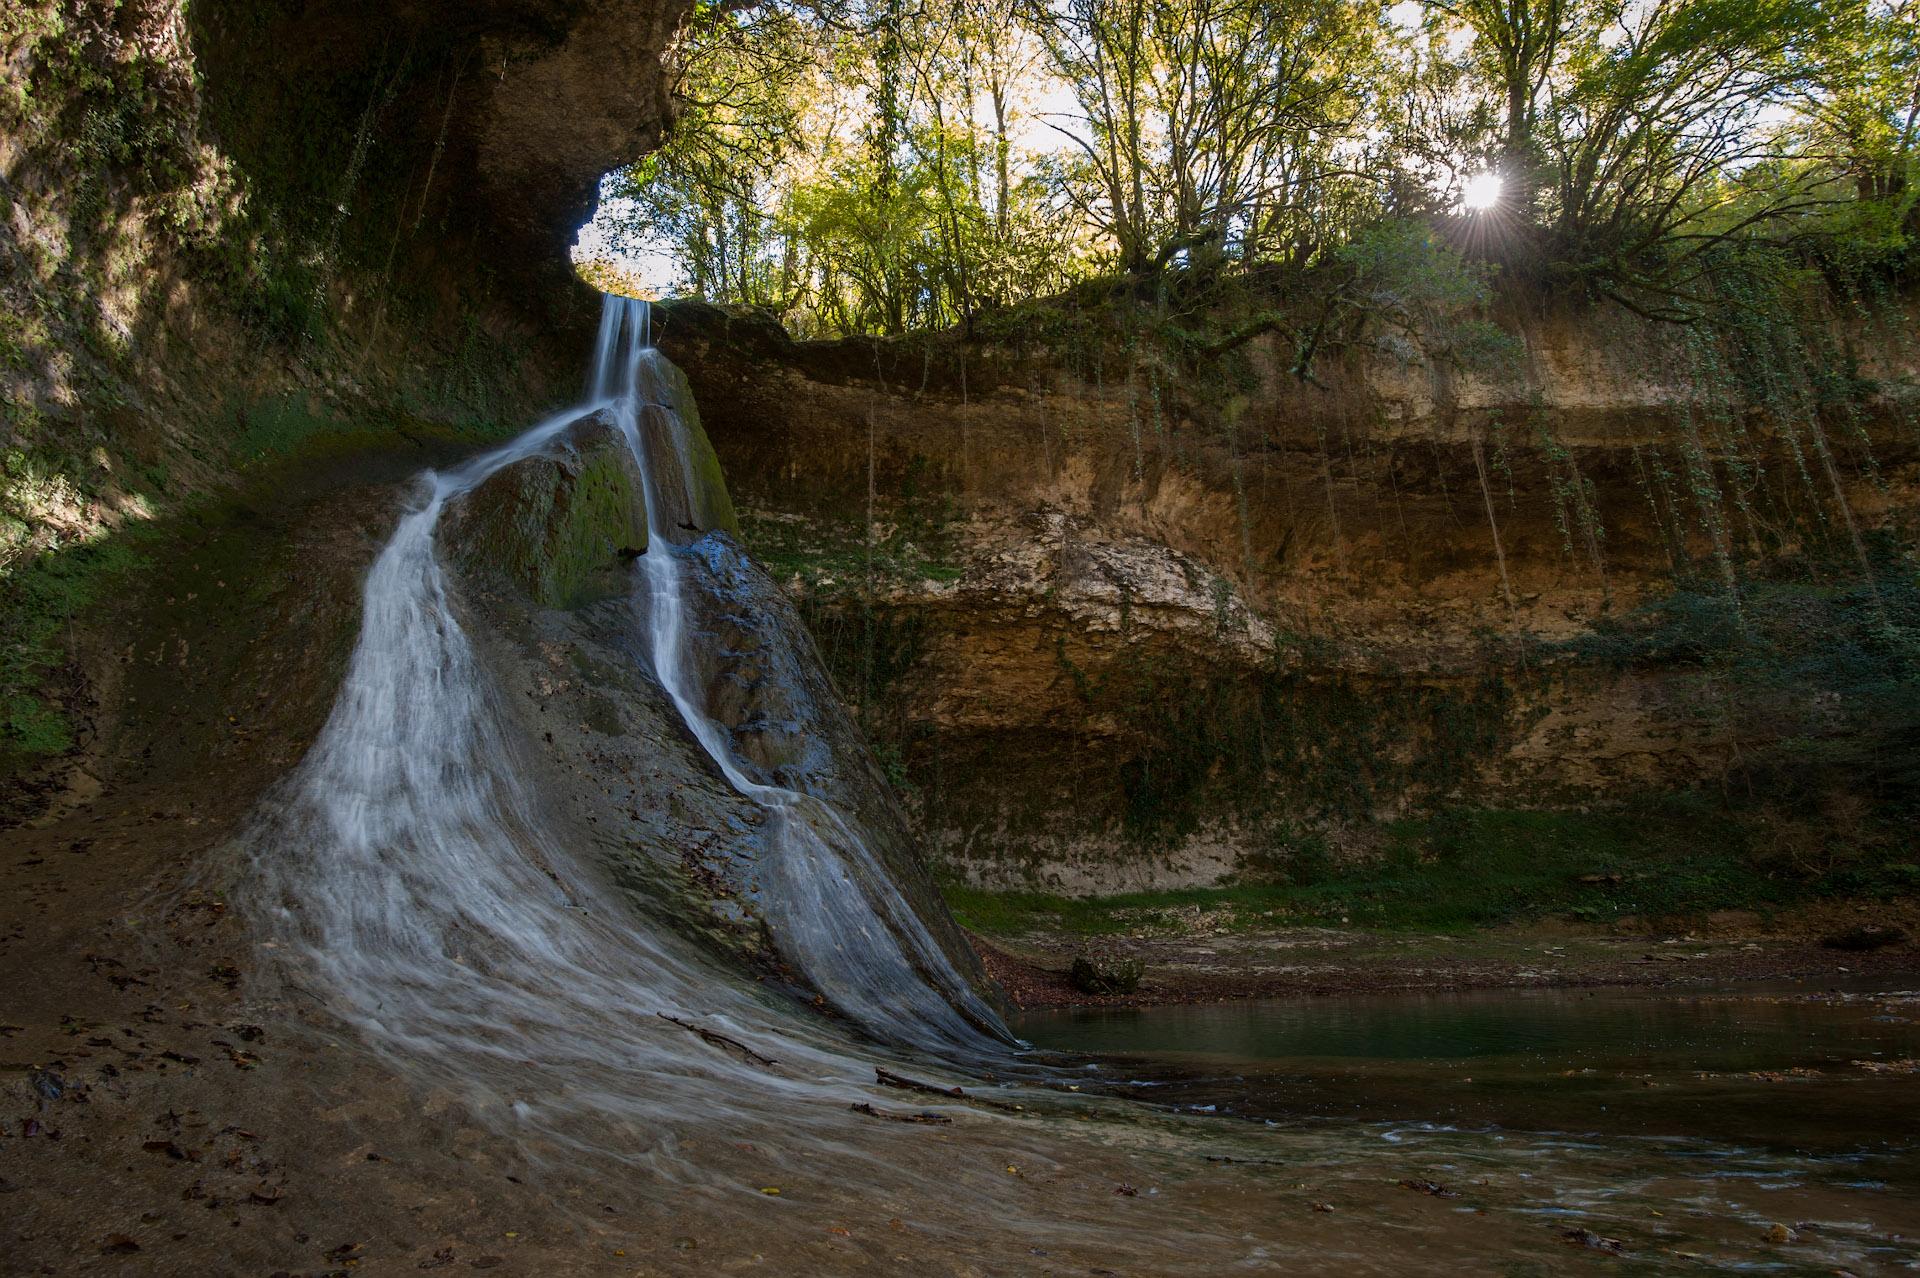 Барьяльский водопад, вид снизу